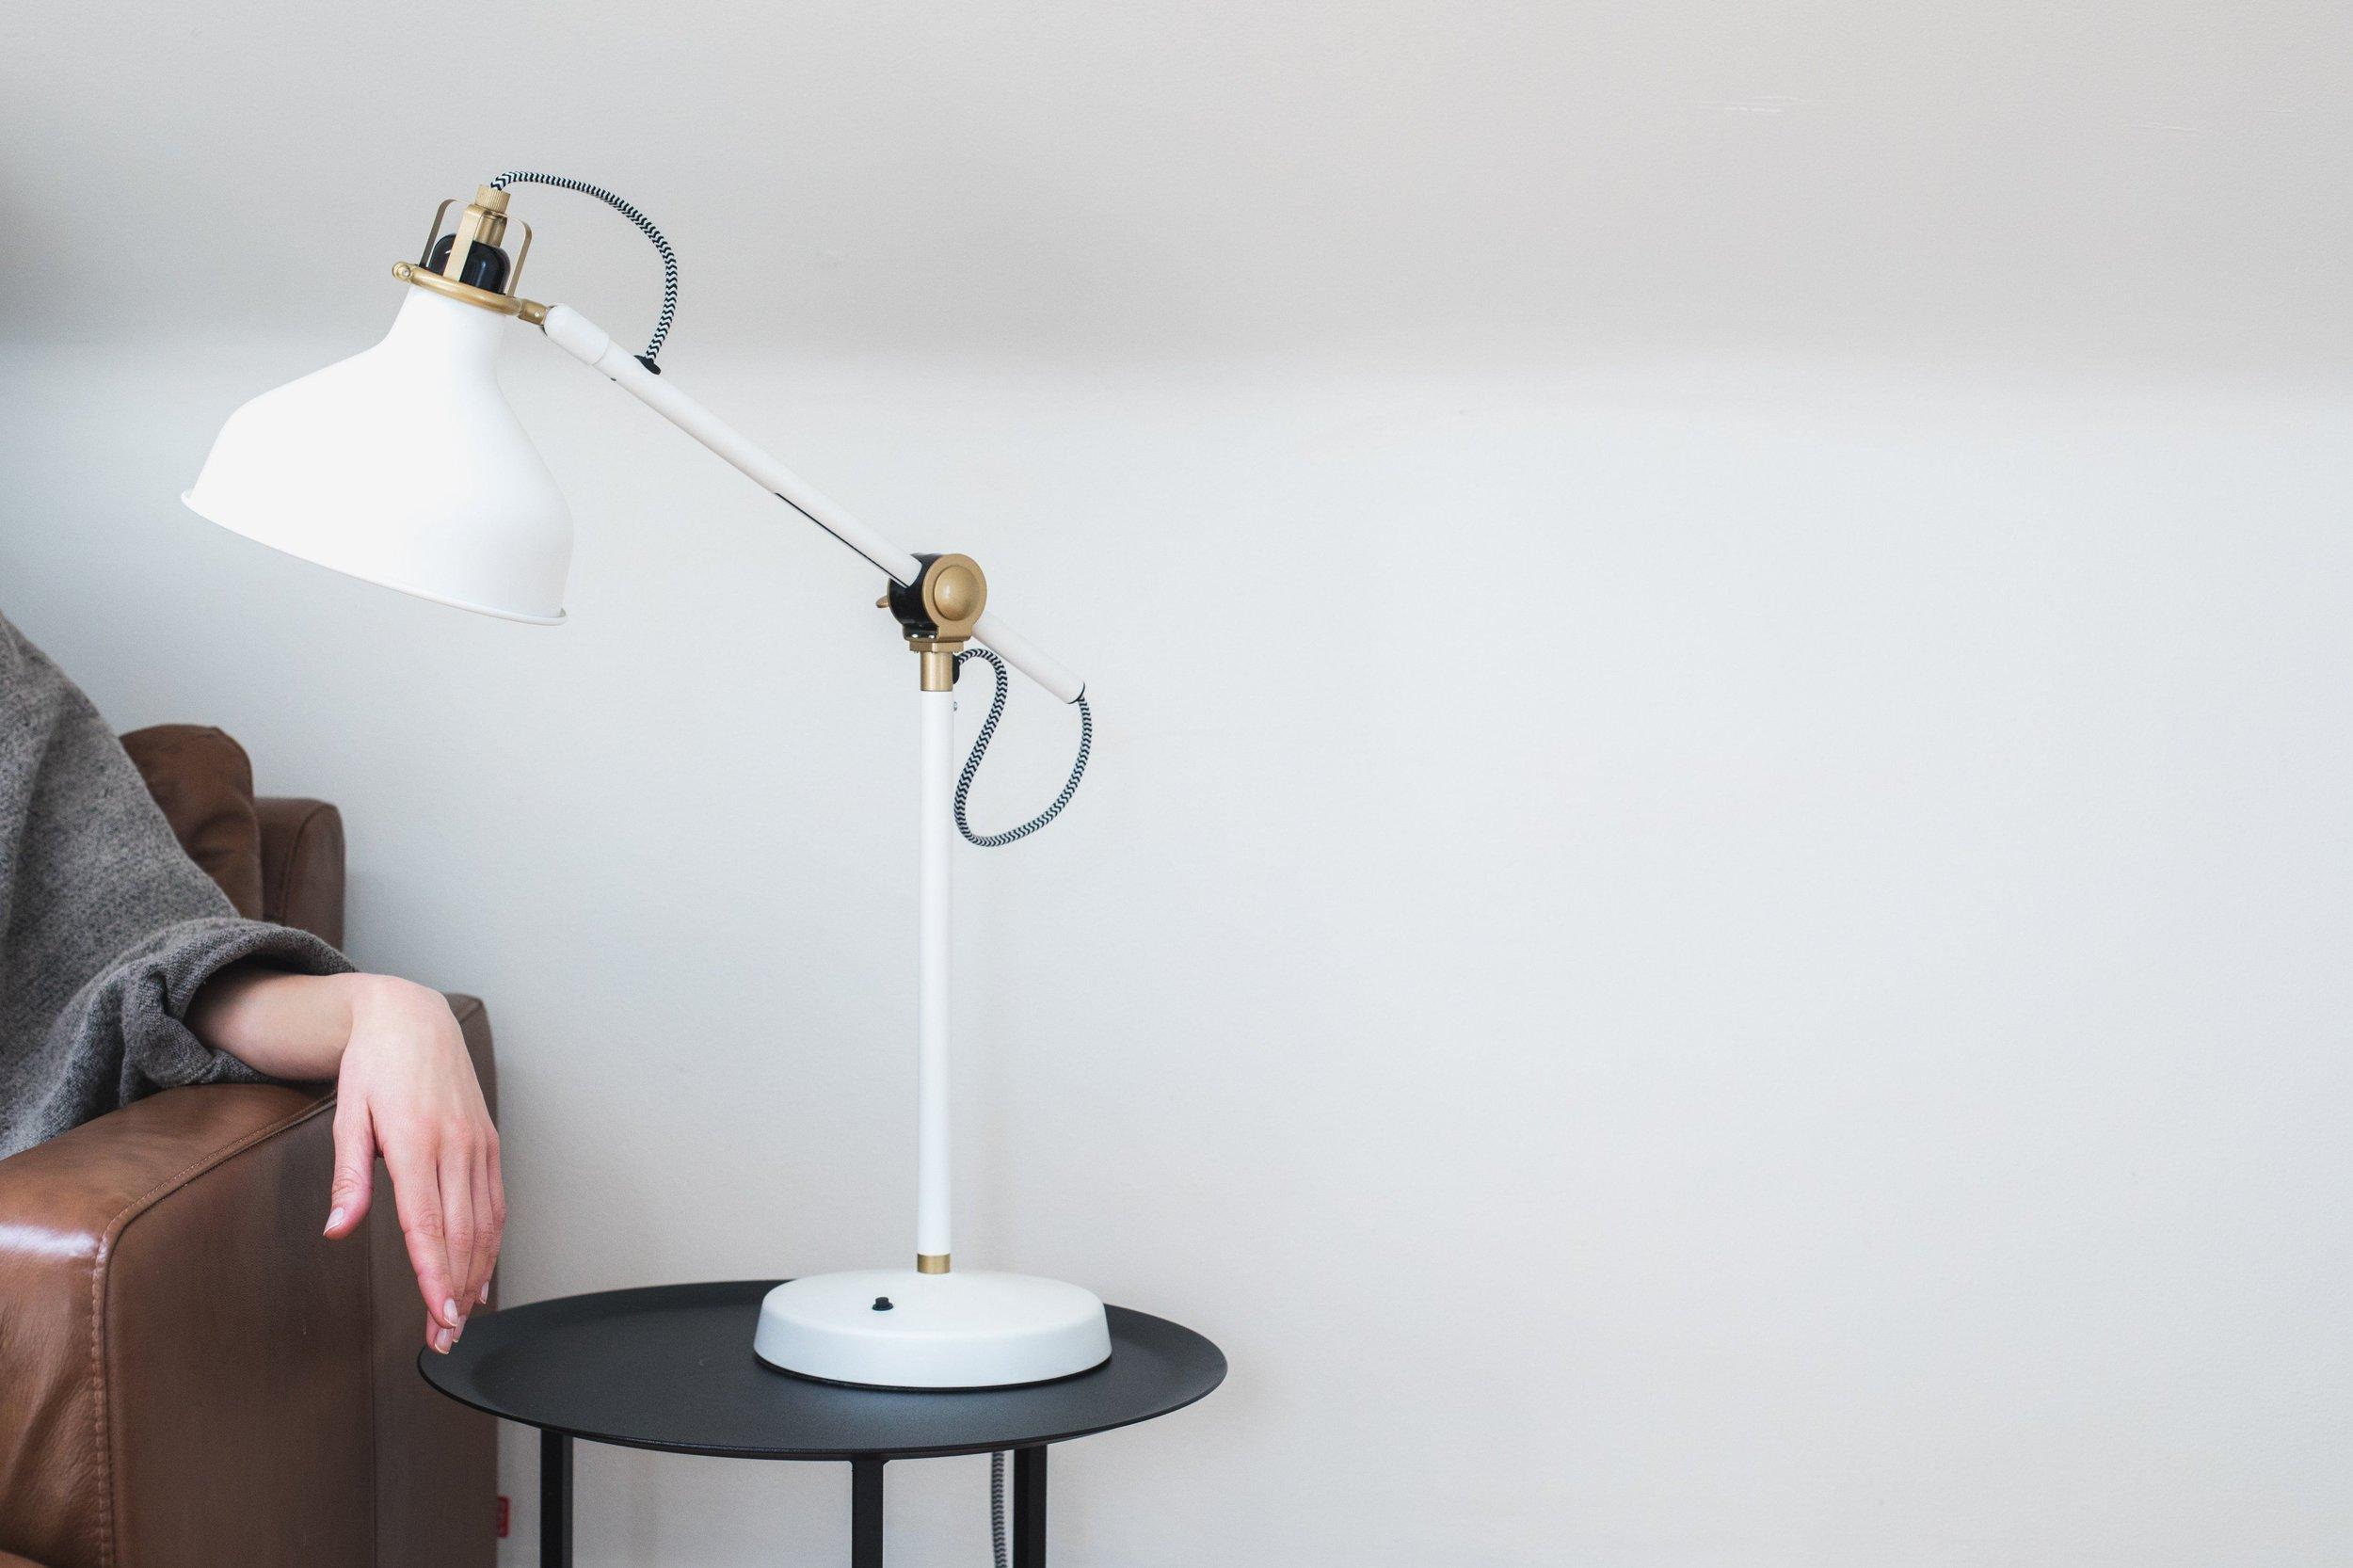 lamp-college-apartment-checklist